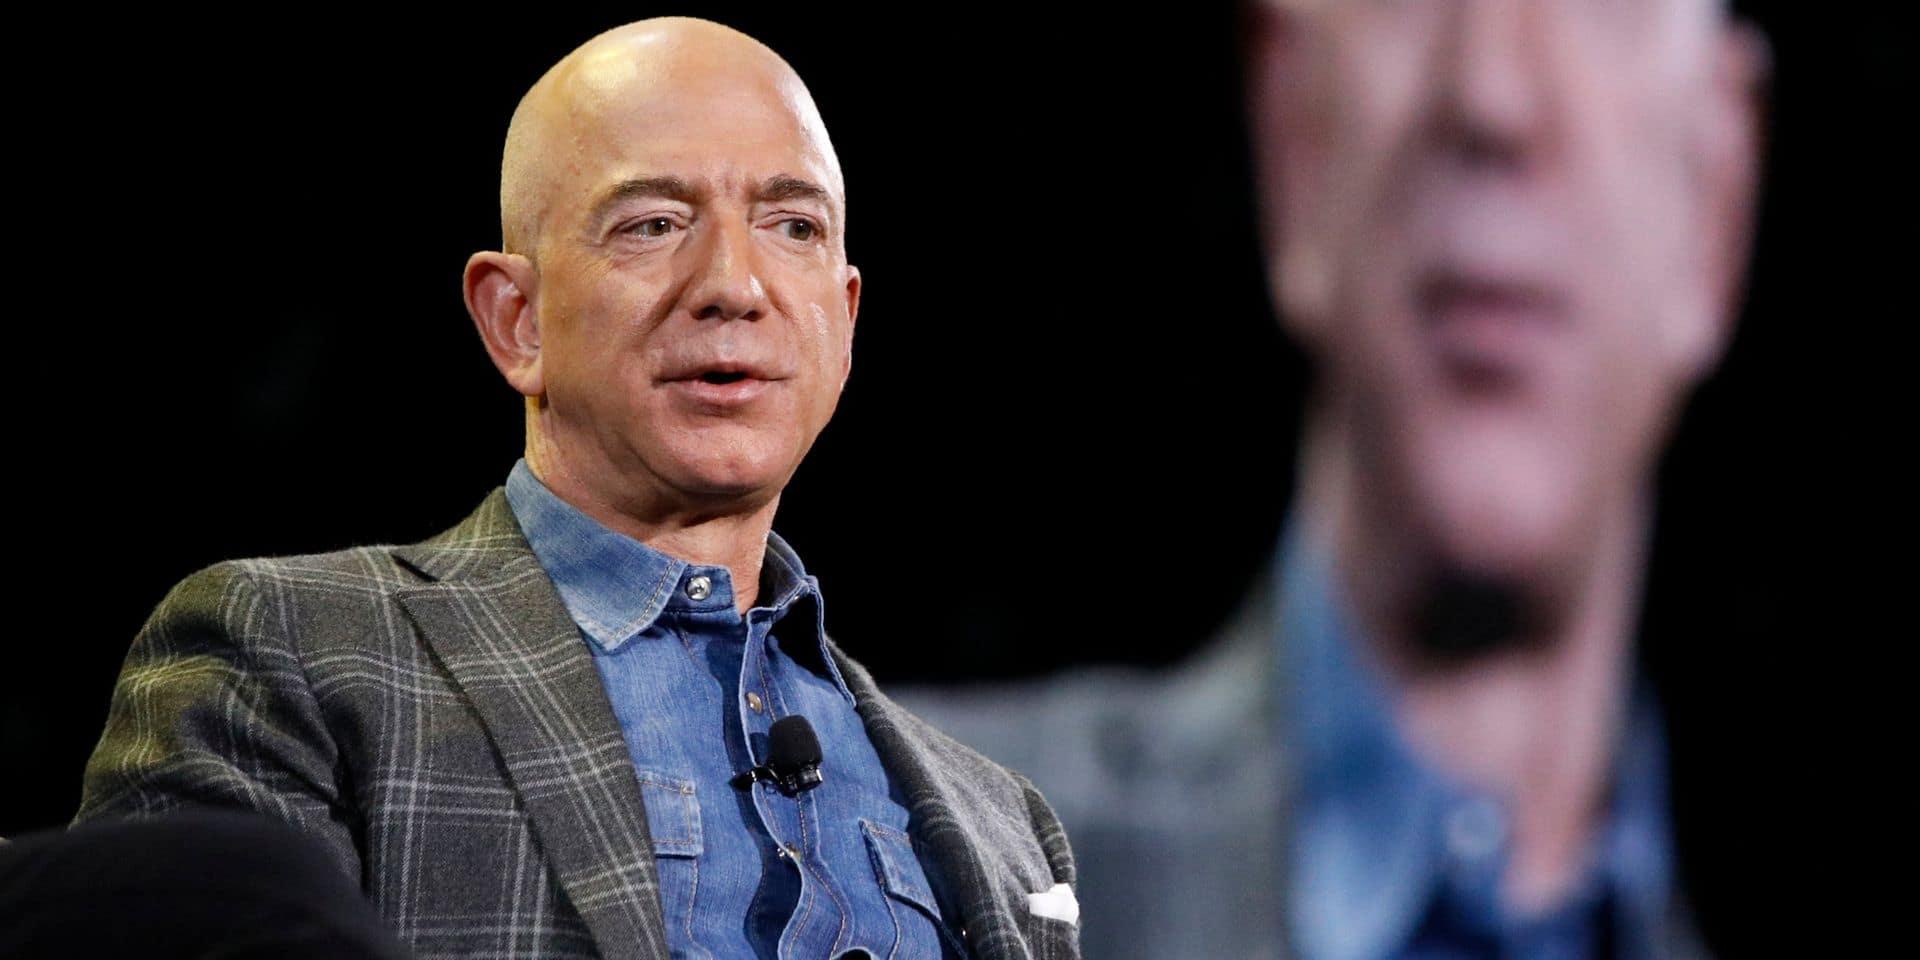 Le musée d'Auschwitz interpelle Jeff Bezos sur Twitter